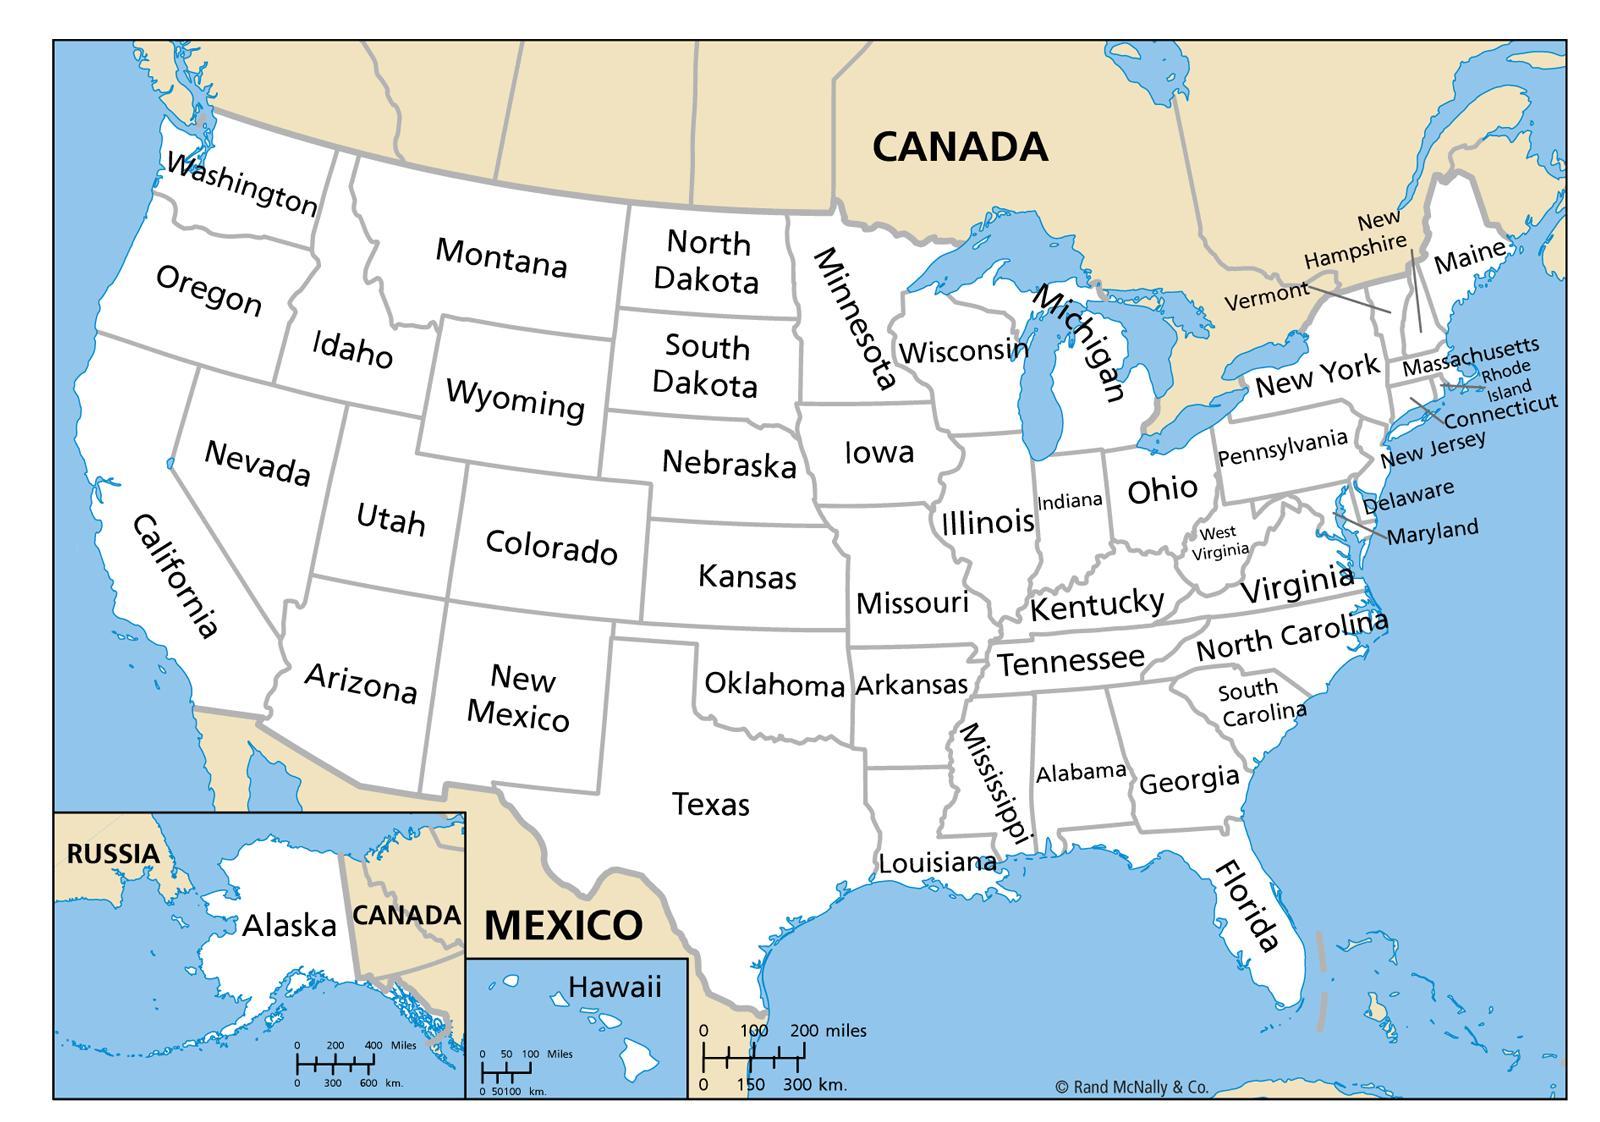 Yhdysvaltojen Kartta Jossa Nimet Kartta Yhdysvaltojen Kanssa